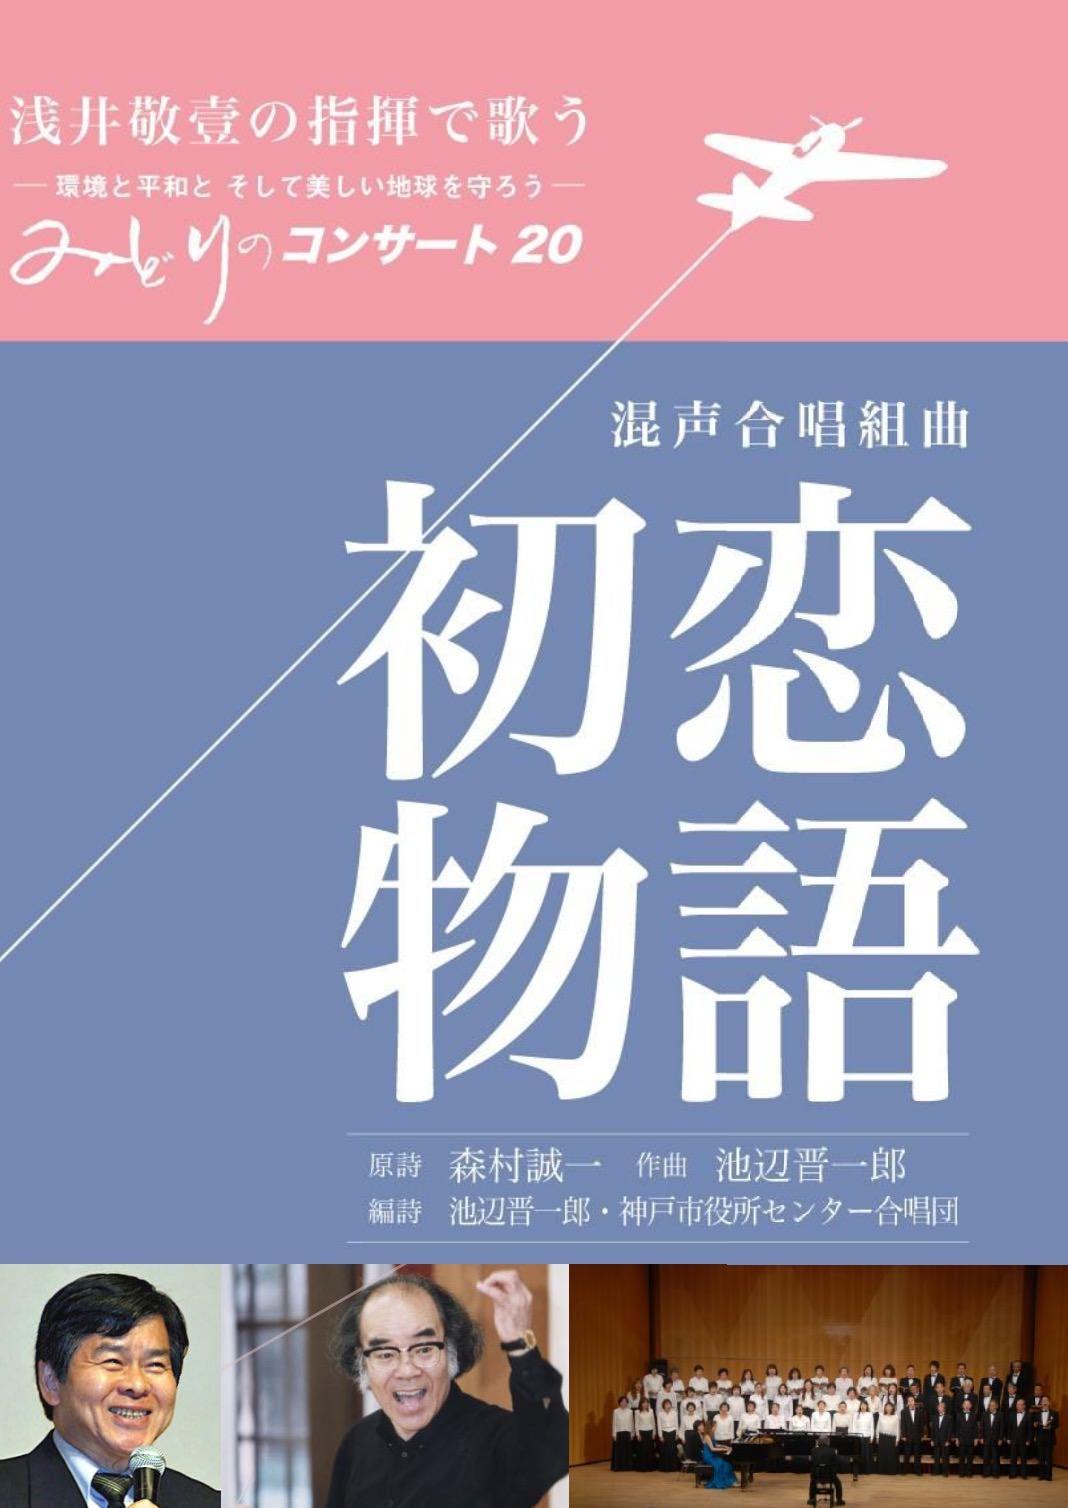 みどりのコンサート20 混声合唱組曲「初恋物語」(DVD)